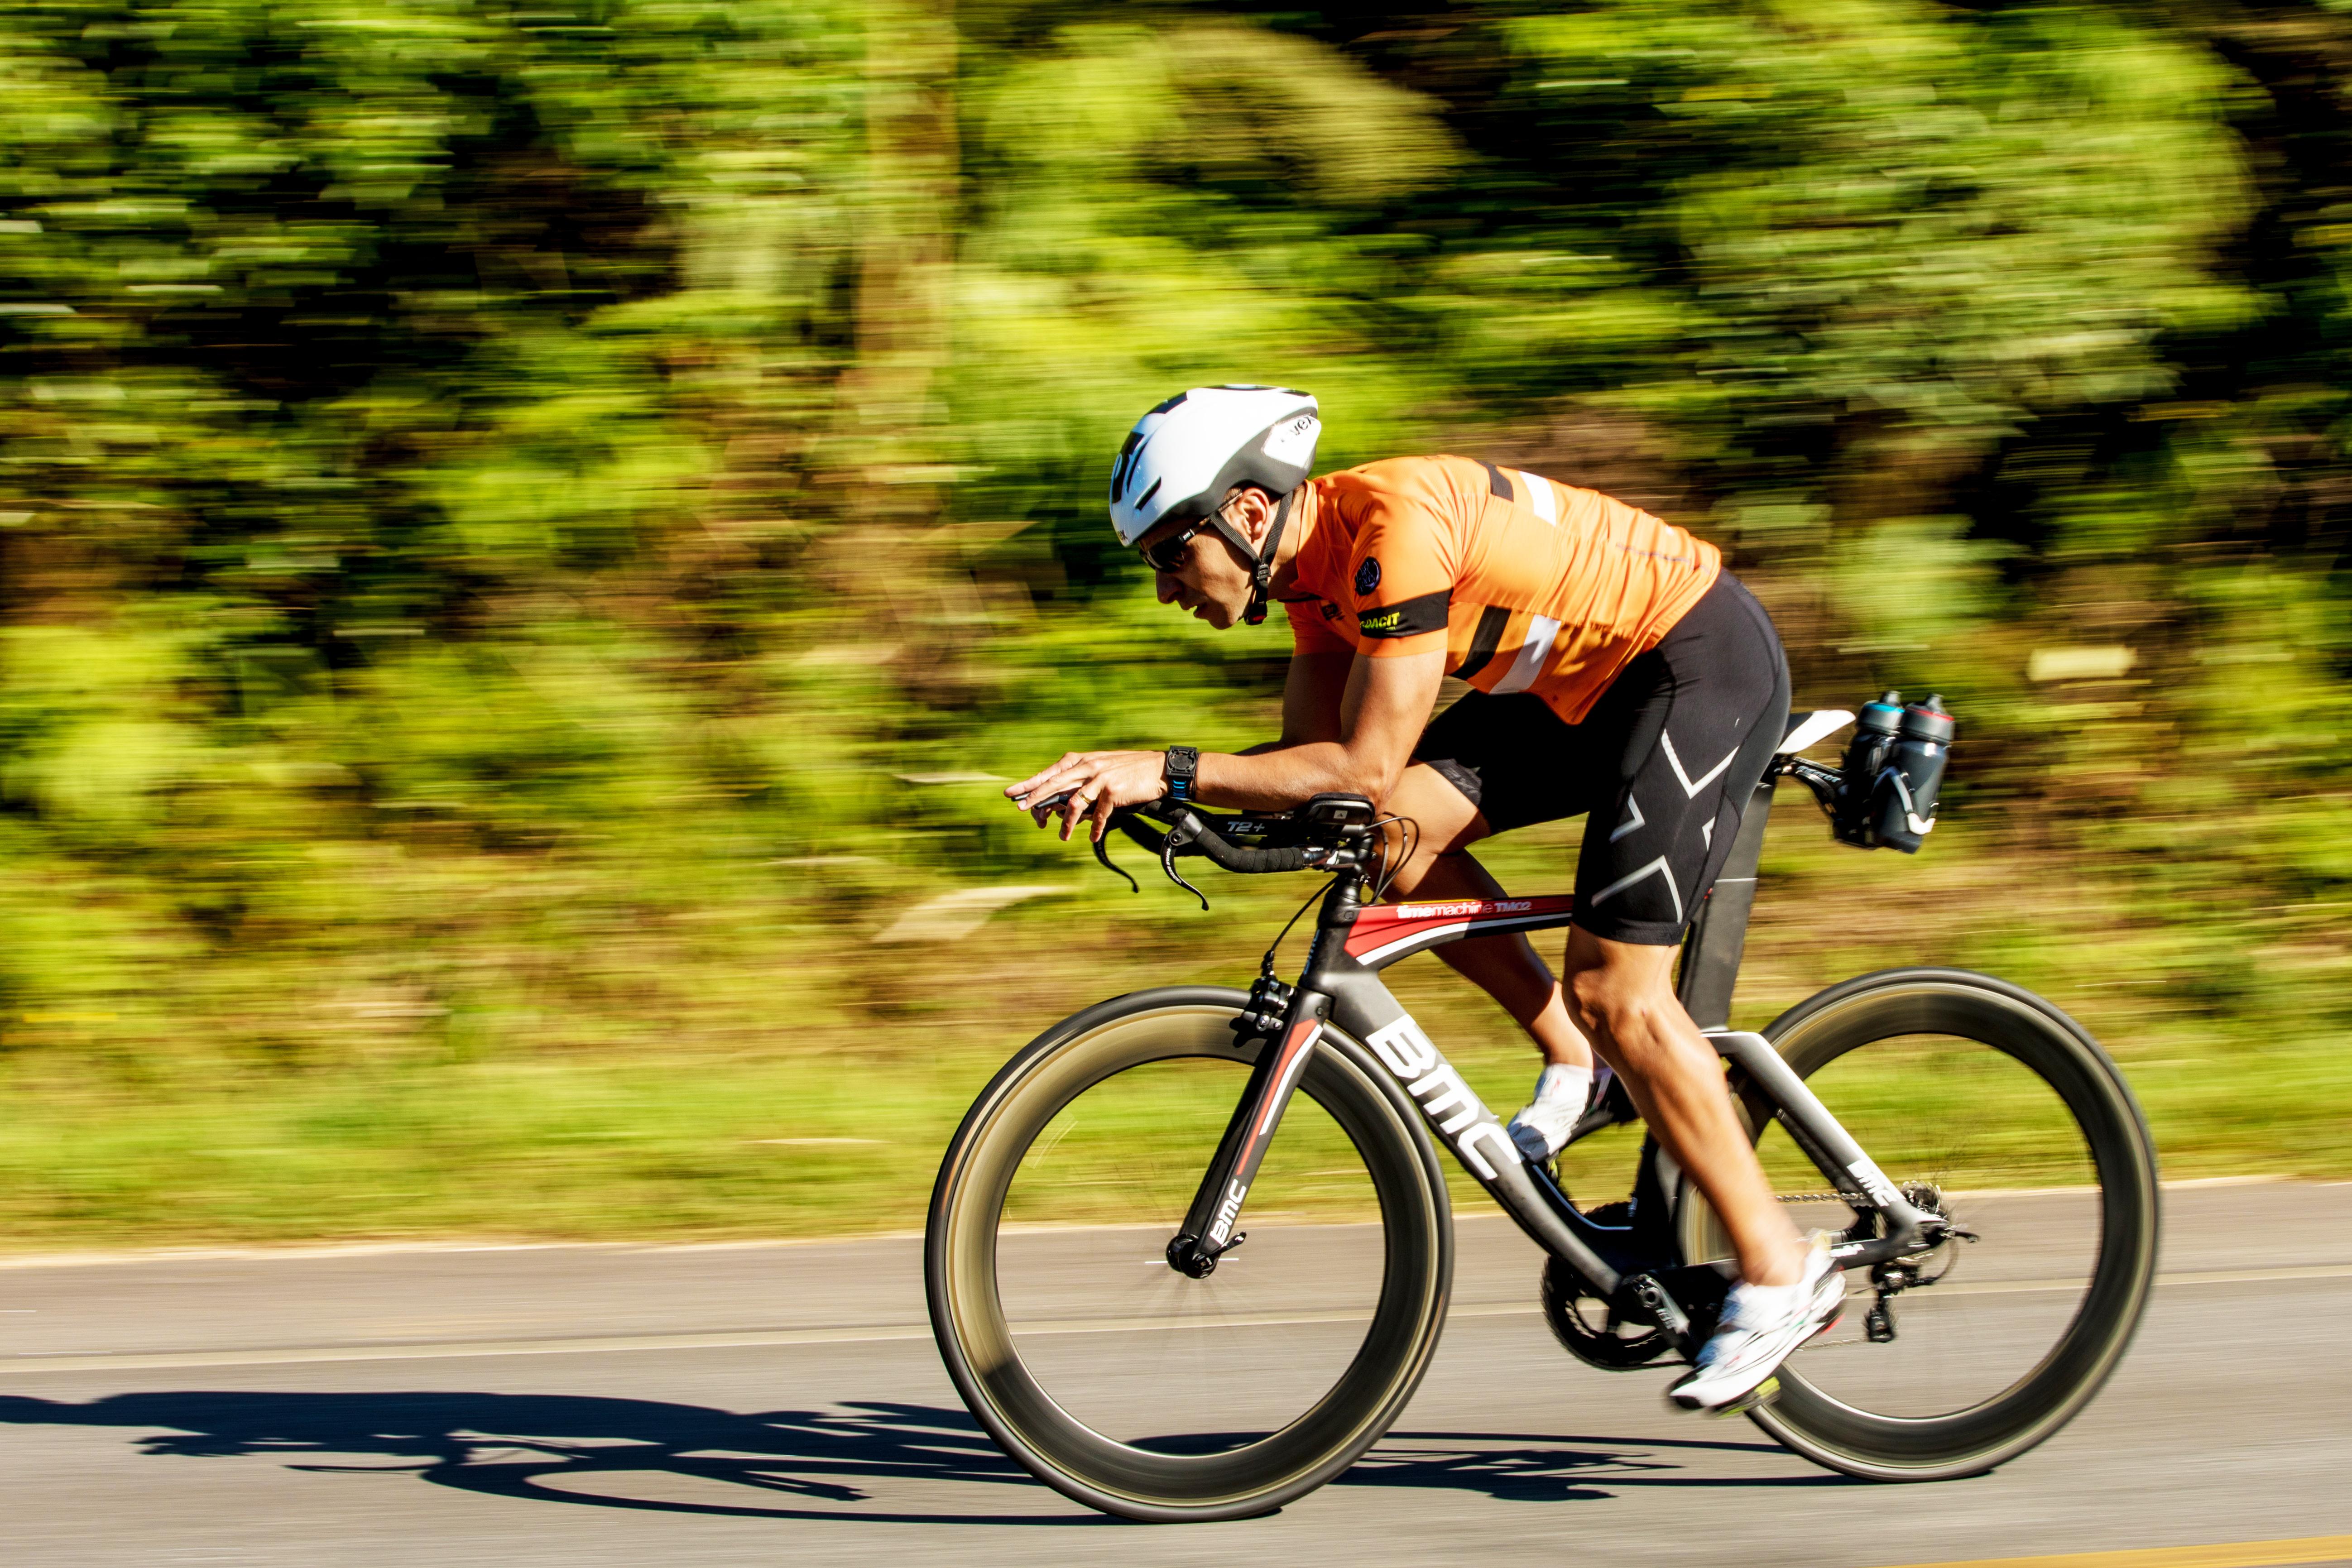 Velocidade média no ciclismo: ciclista pedala uma bicicleta da BMC em uma estrada sob um sol forte